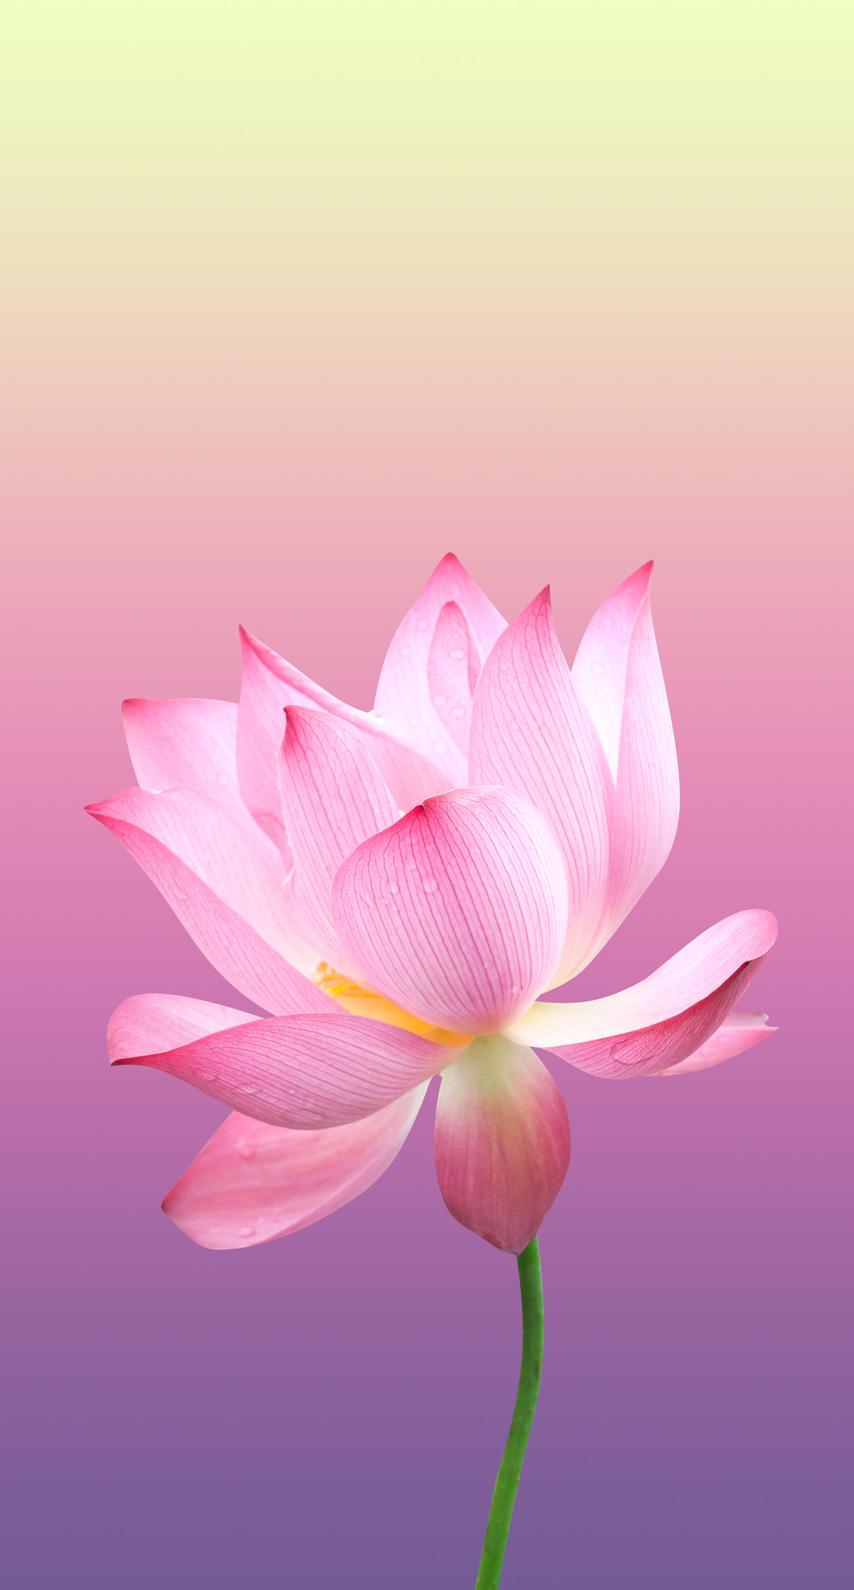 flowering plant, rose family